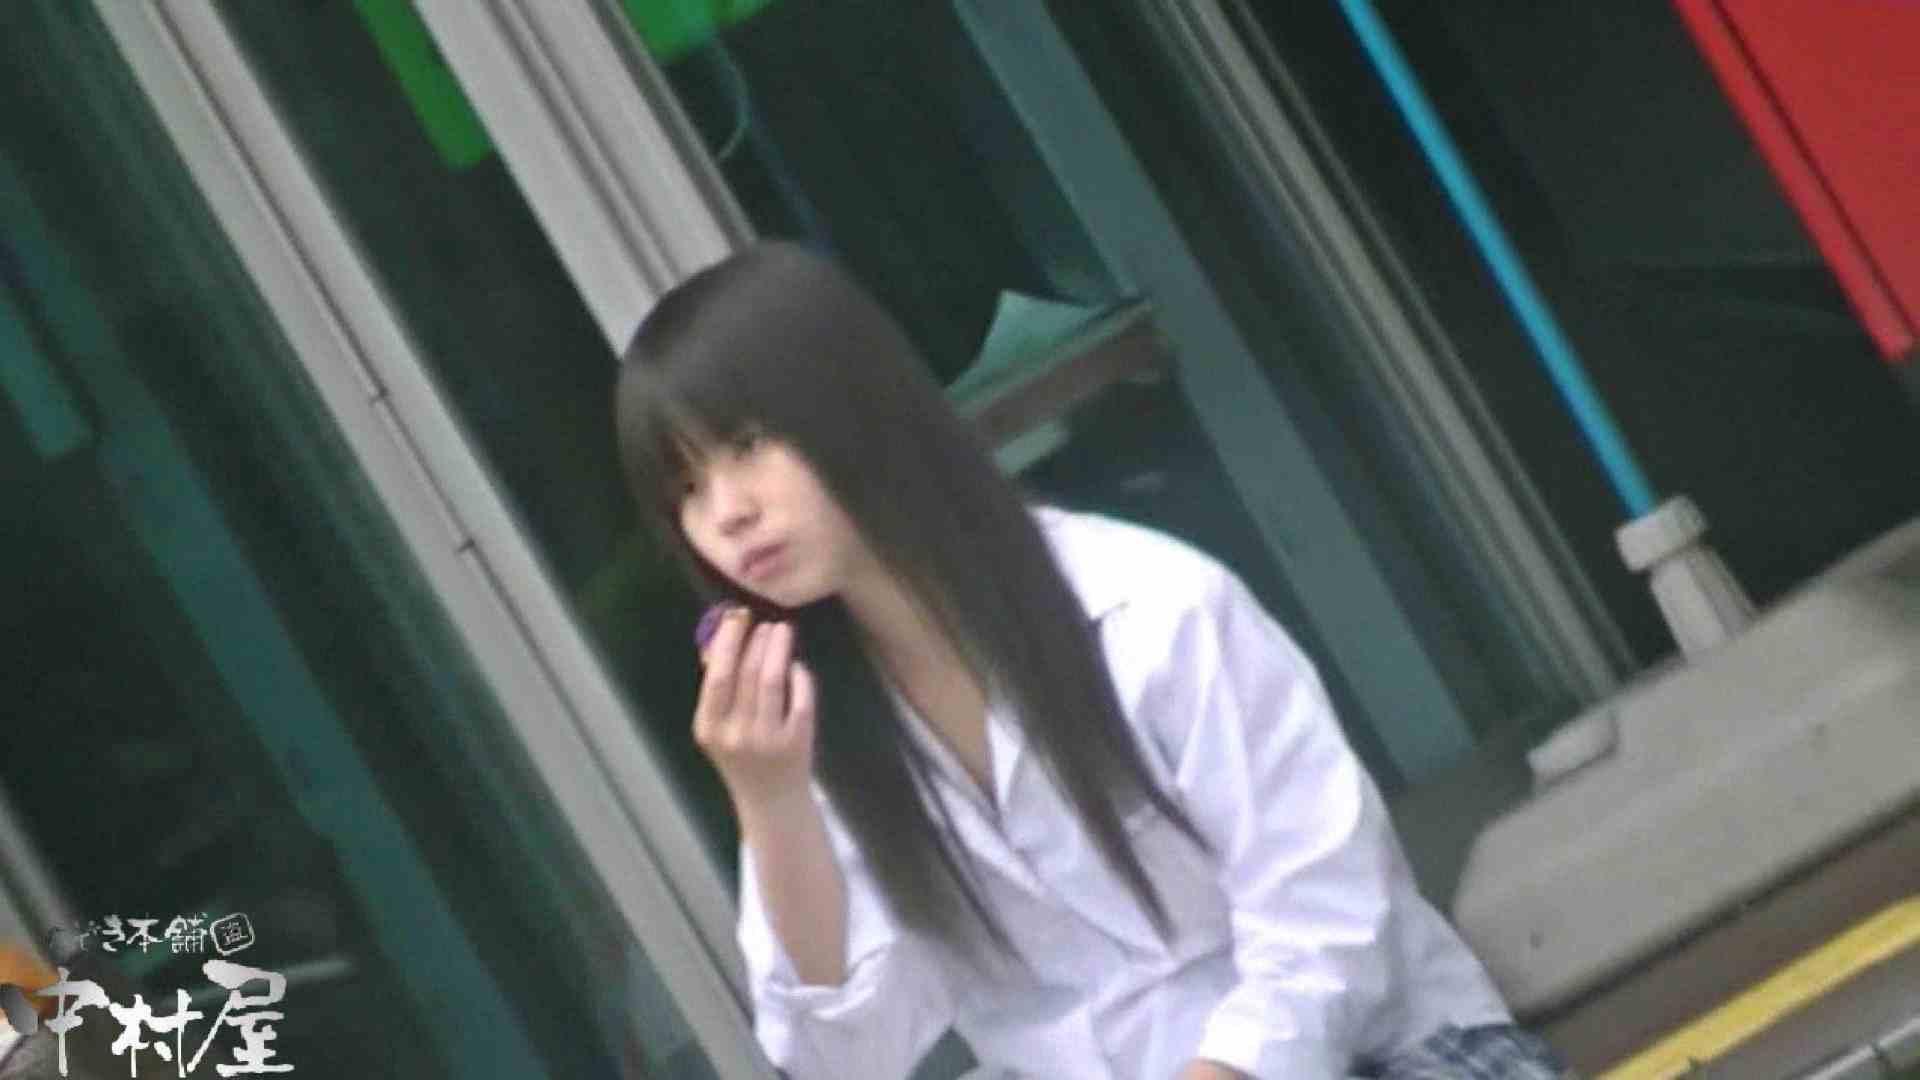 ドキドキ❤新入生パンチラ歓迎会vol.16 盗撮シリーズ オメコ無修正動画無料 95PIX 26